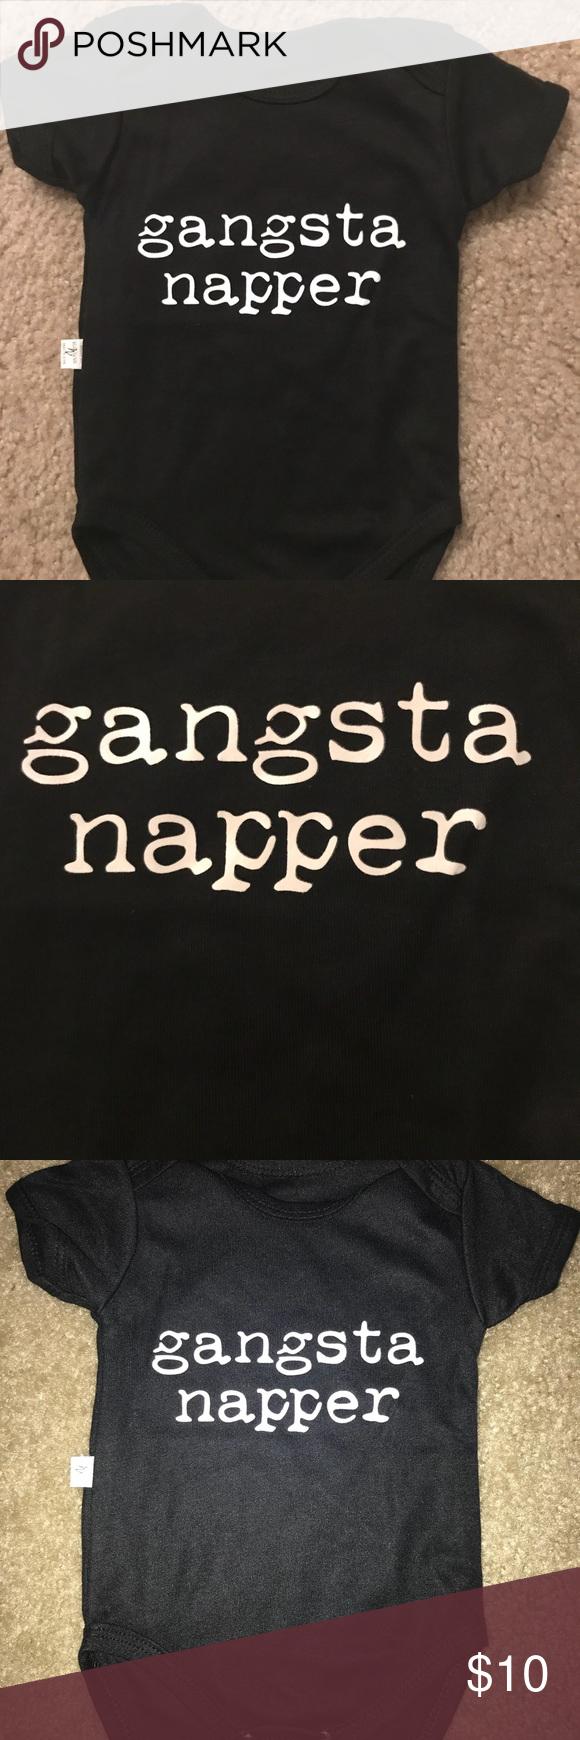 New In Wrapper Black Onesie Size 0 3 Months Black Onesie Baby Boy Outfits Gangsta Napper